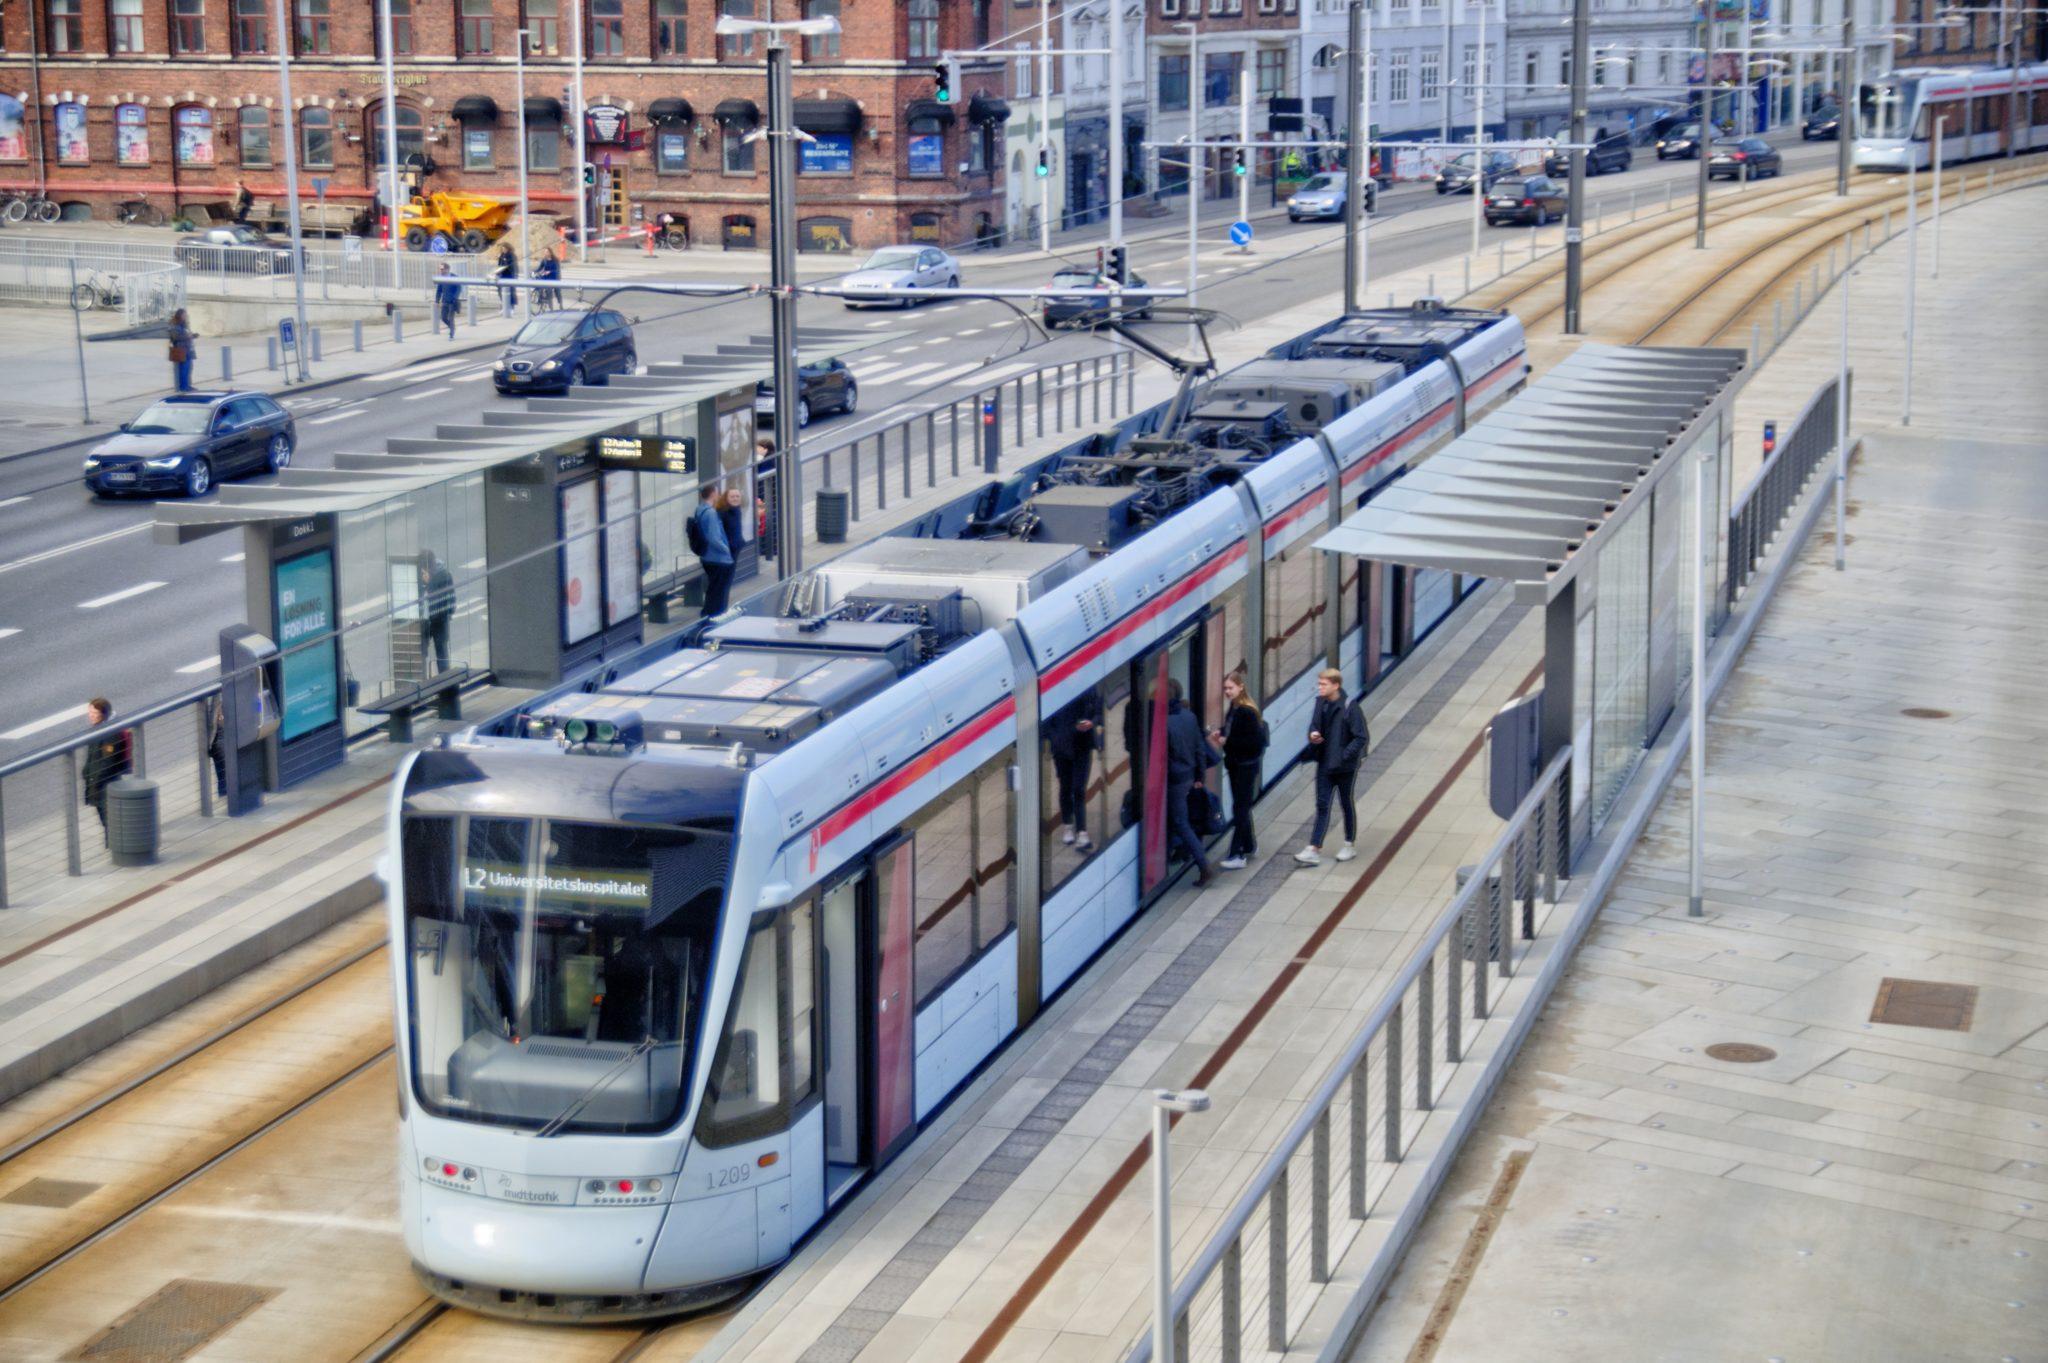 Stadler tram in Aarhus, Denmark